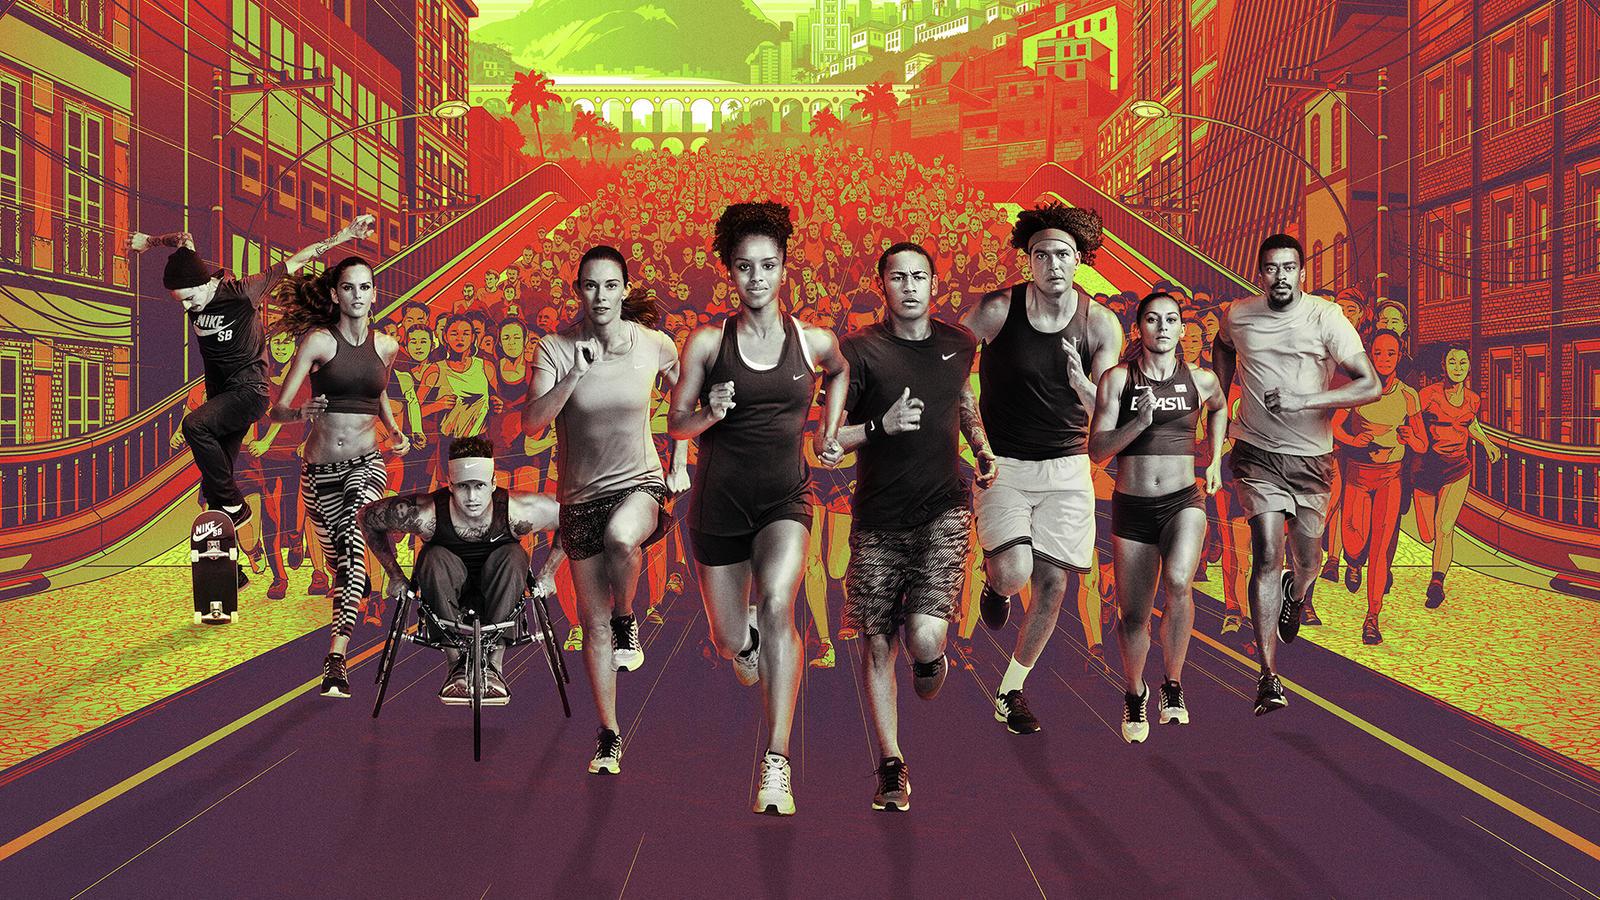 Nike_corre_junto_movie_poster_hd_1600